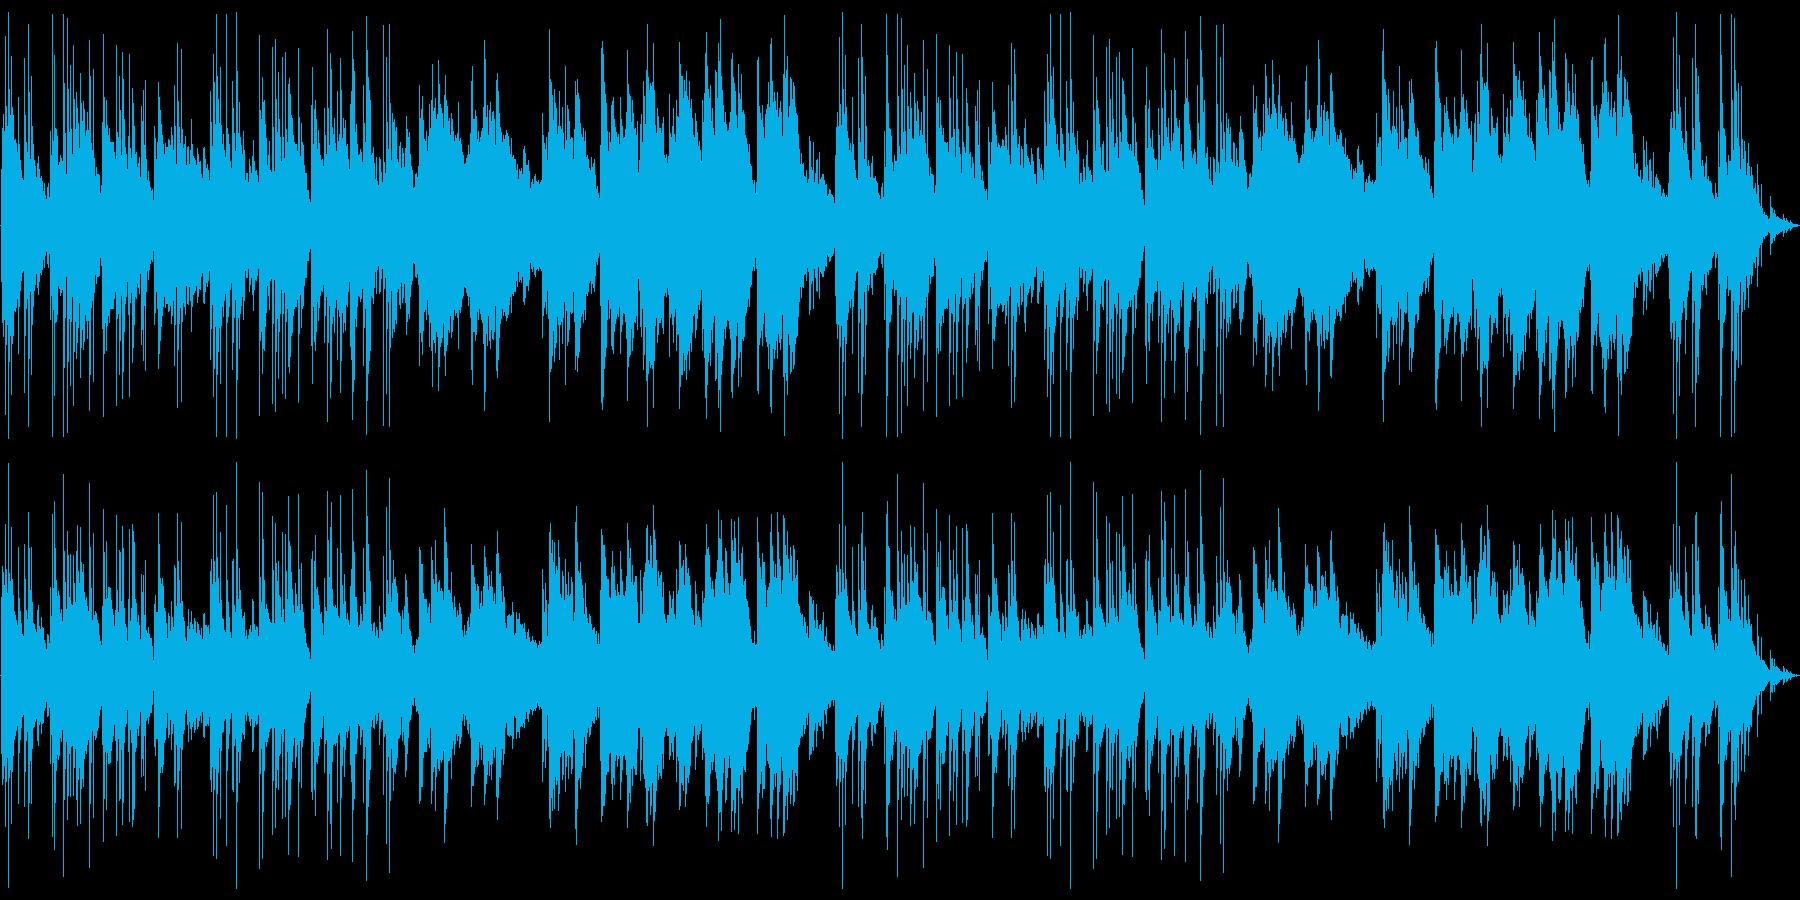 しんみりと温かいBGM:編集版の再生済みの波形